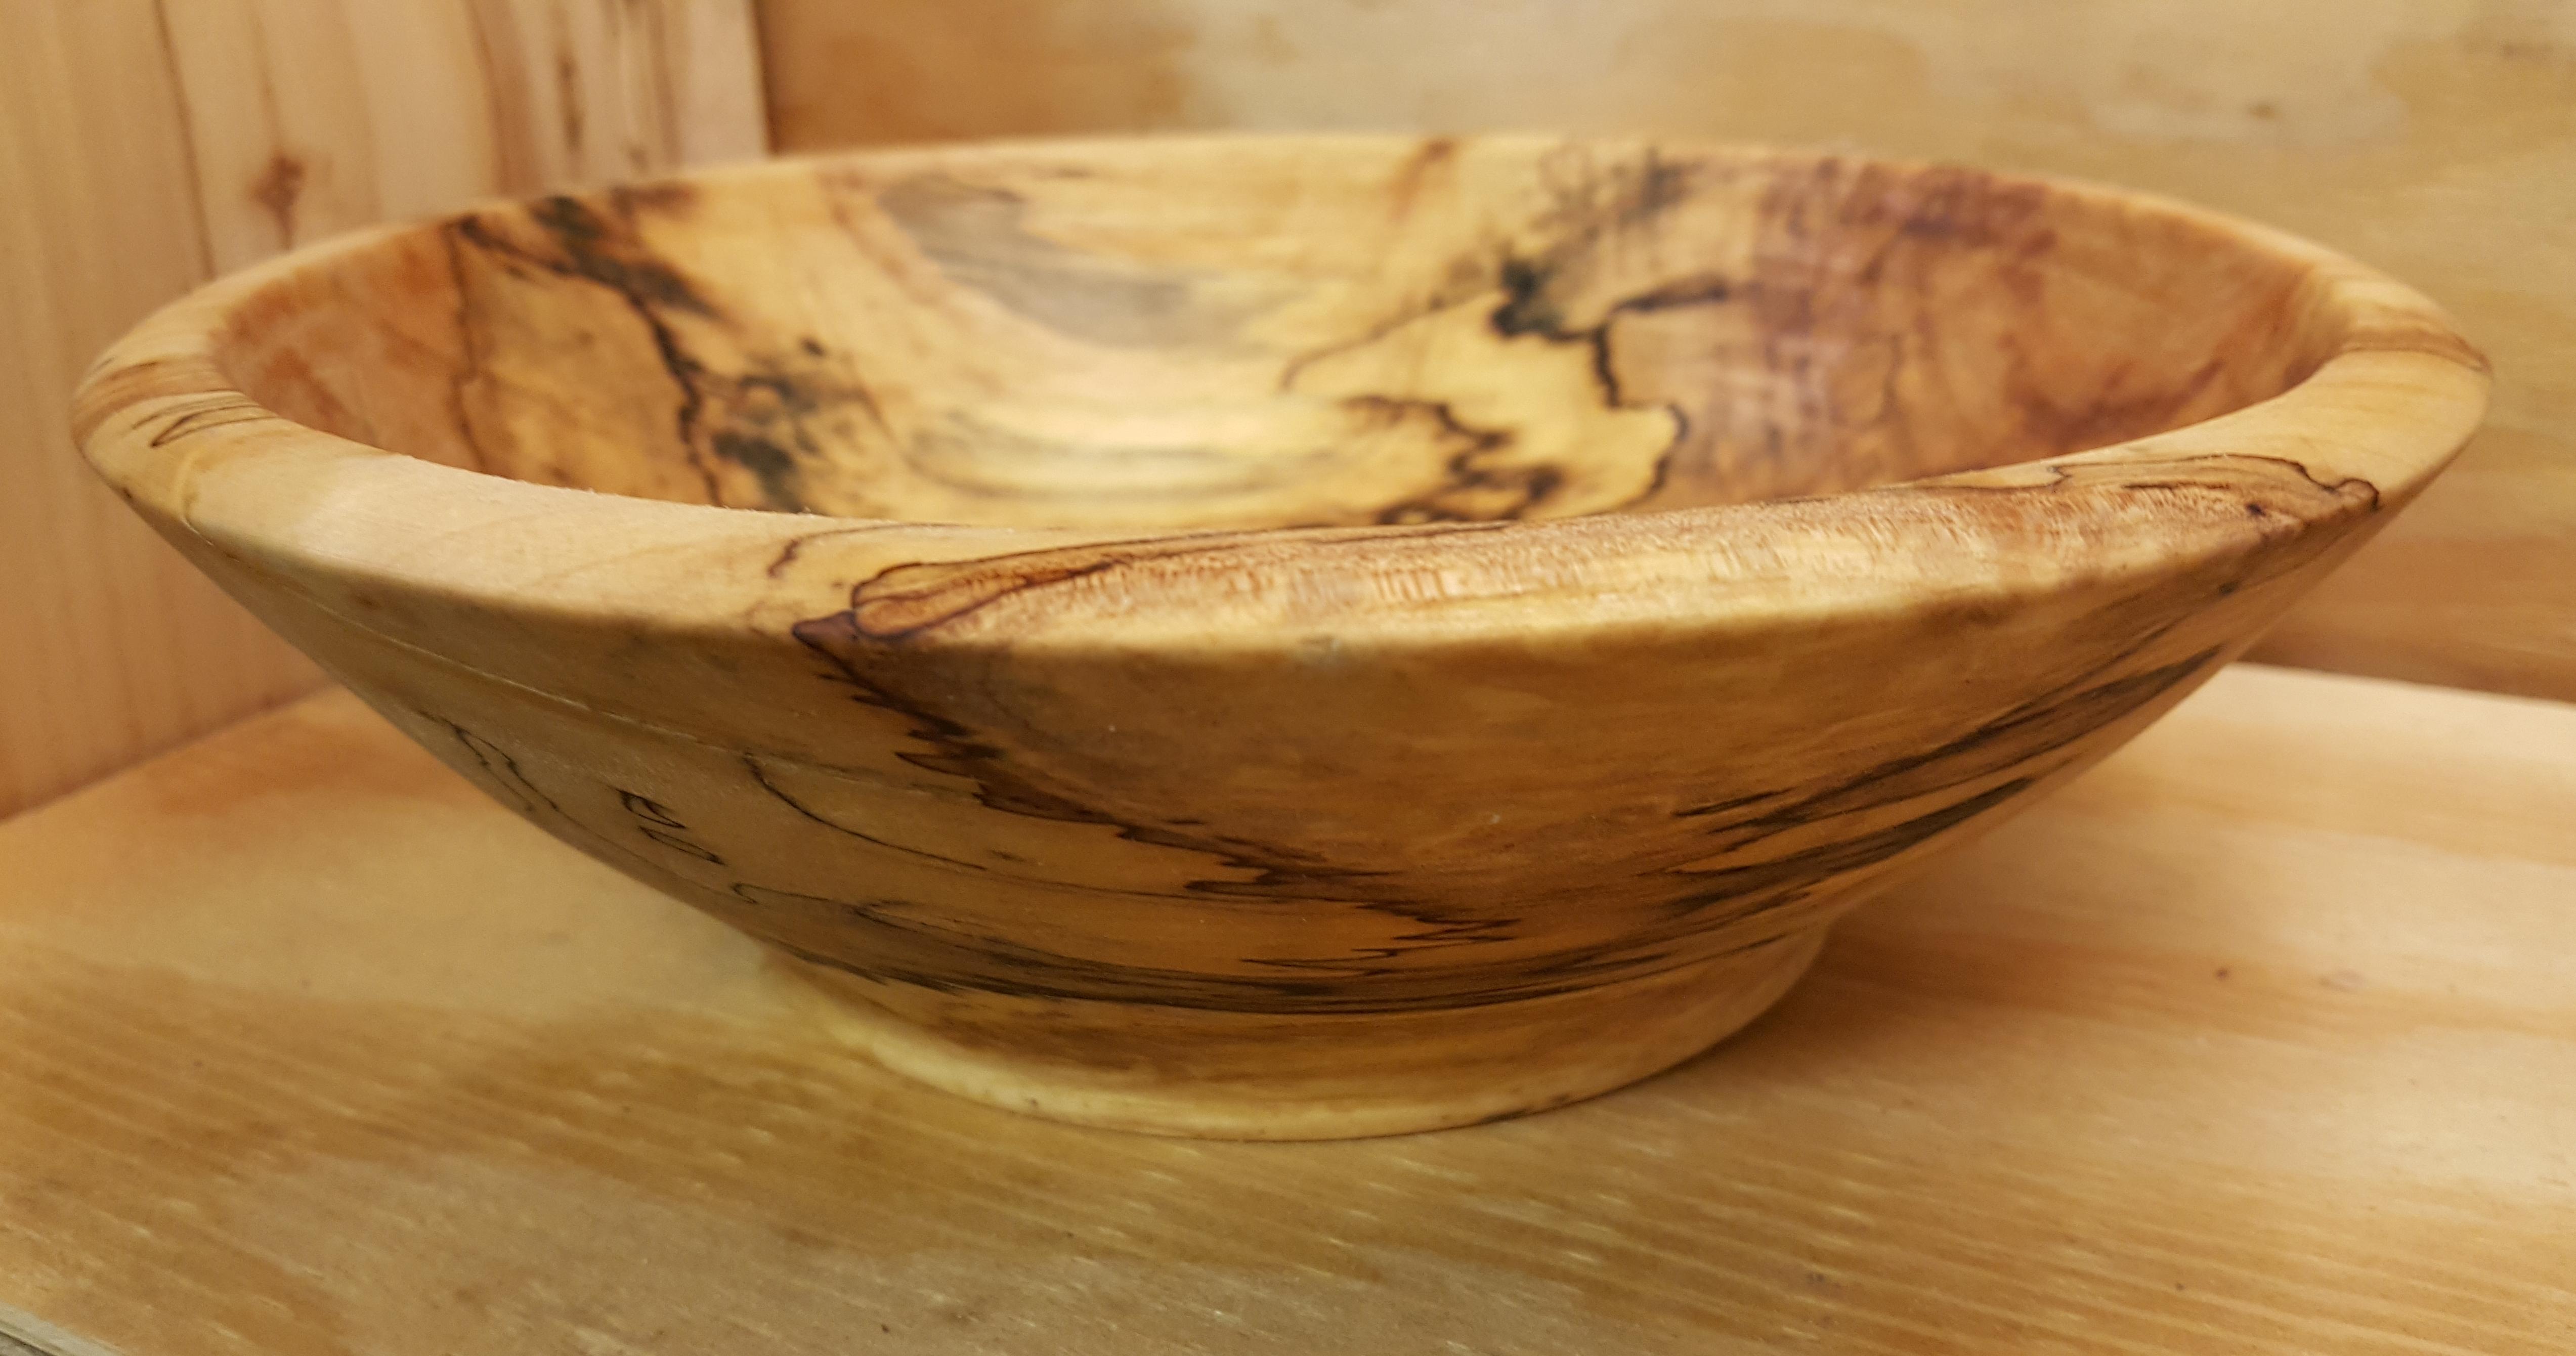 Spalted Oak Bowl